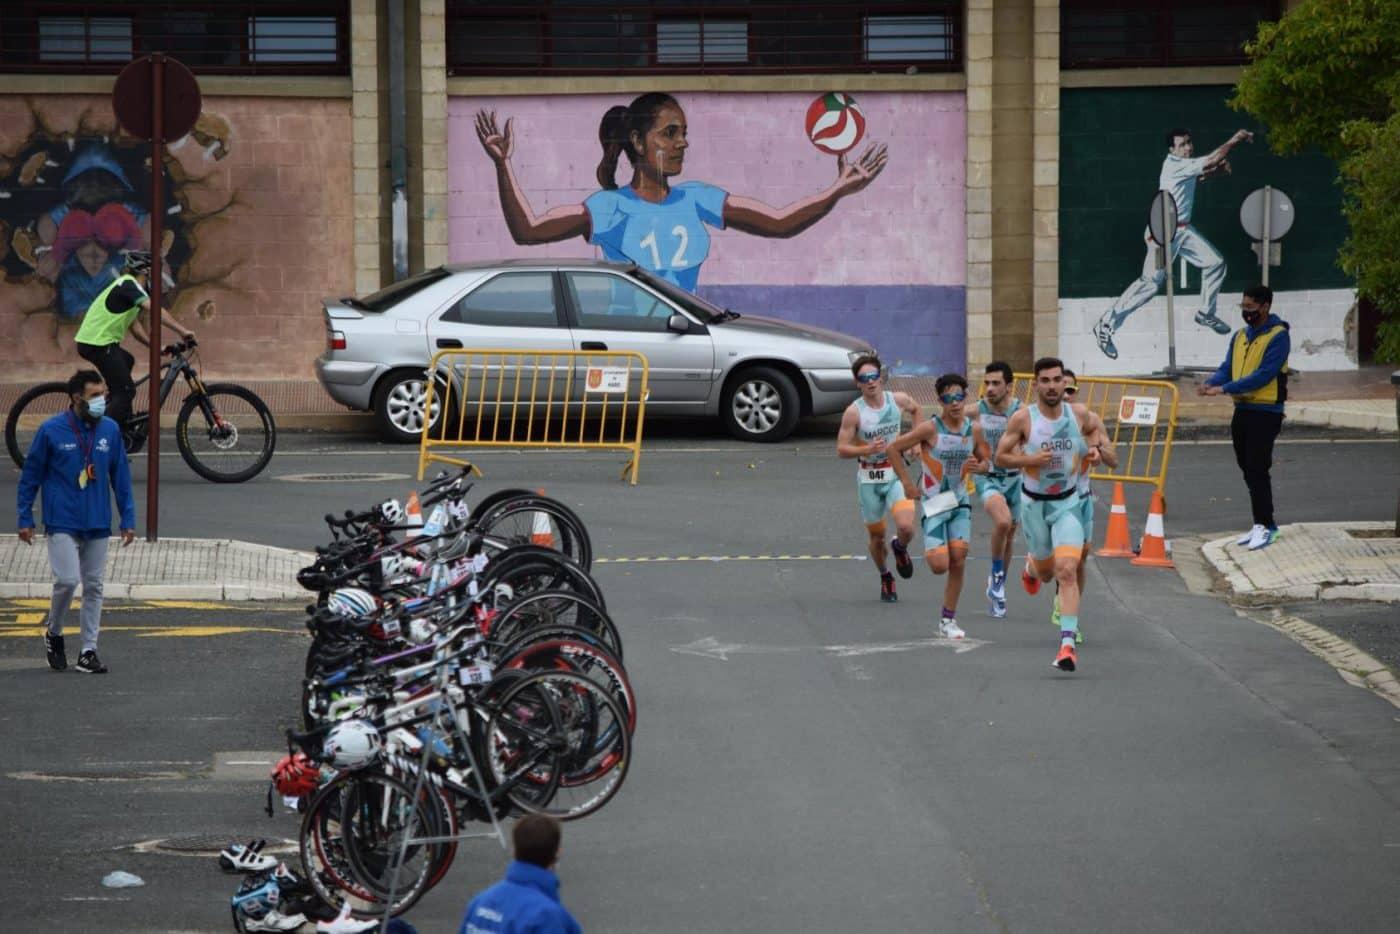 FOTOS: Tritones y Cafés Foronda se imponen en el I Duatlón de Haro 34